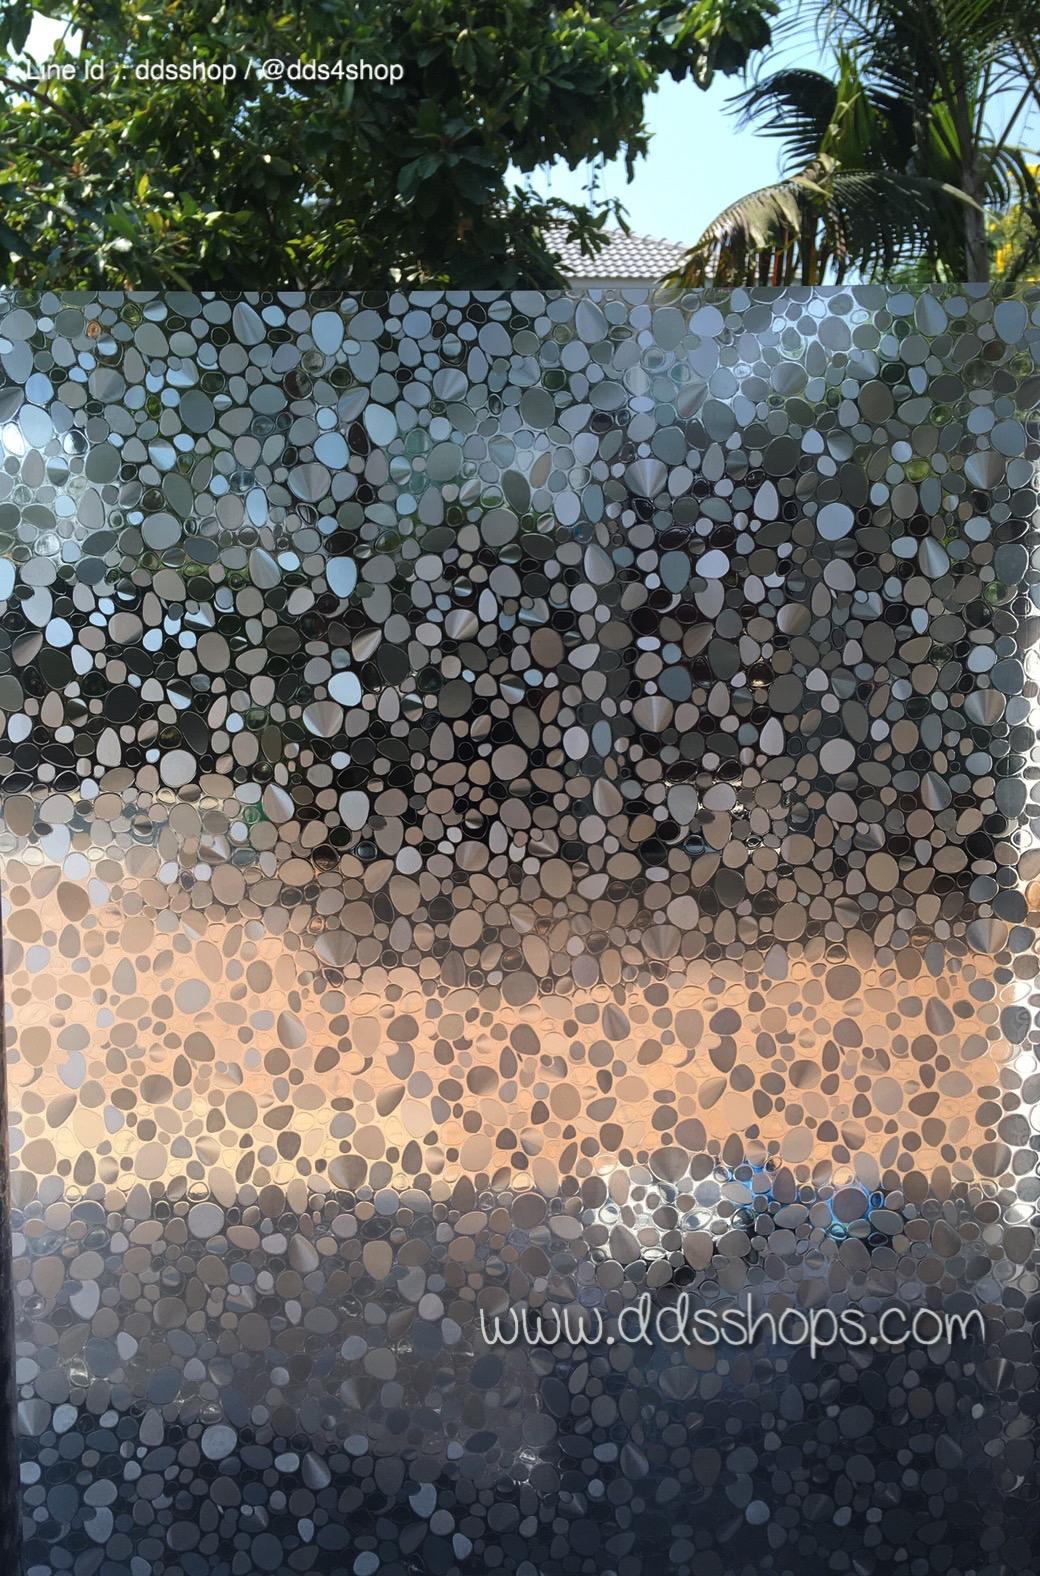 """PVC สูญญากาศติดกระจก """"หินกรวด"""" หน้ากว้าง 90 cm ราคาต่อเมตร 270 บาท"""